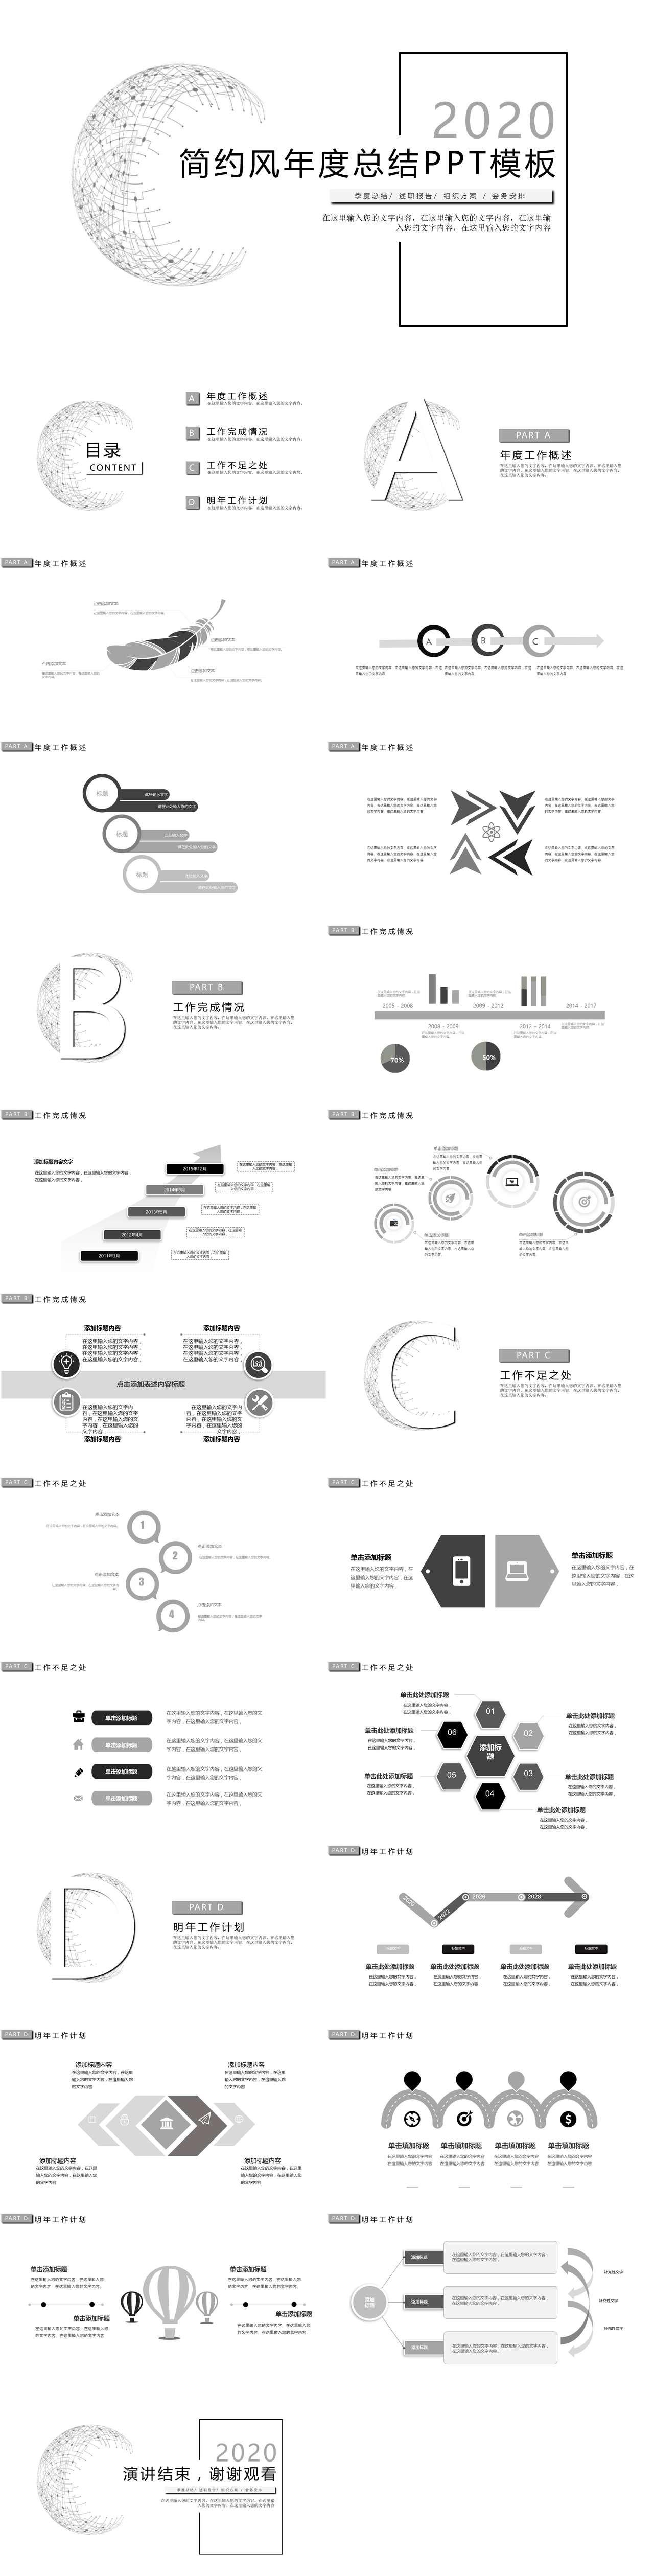 2020黑白简约风年度工作总结新年计划PPT模板插图1